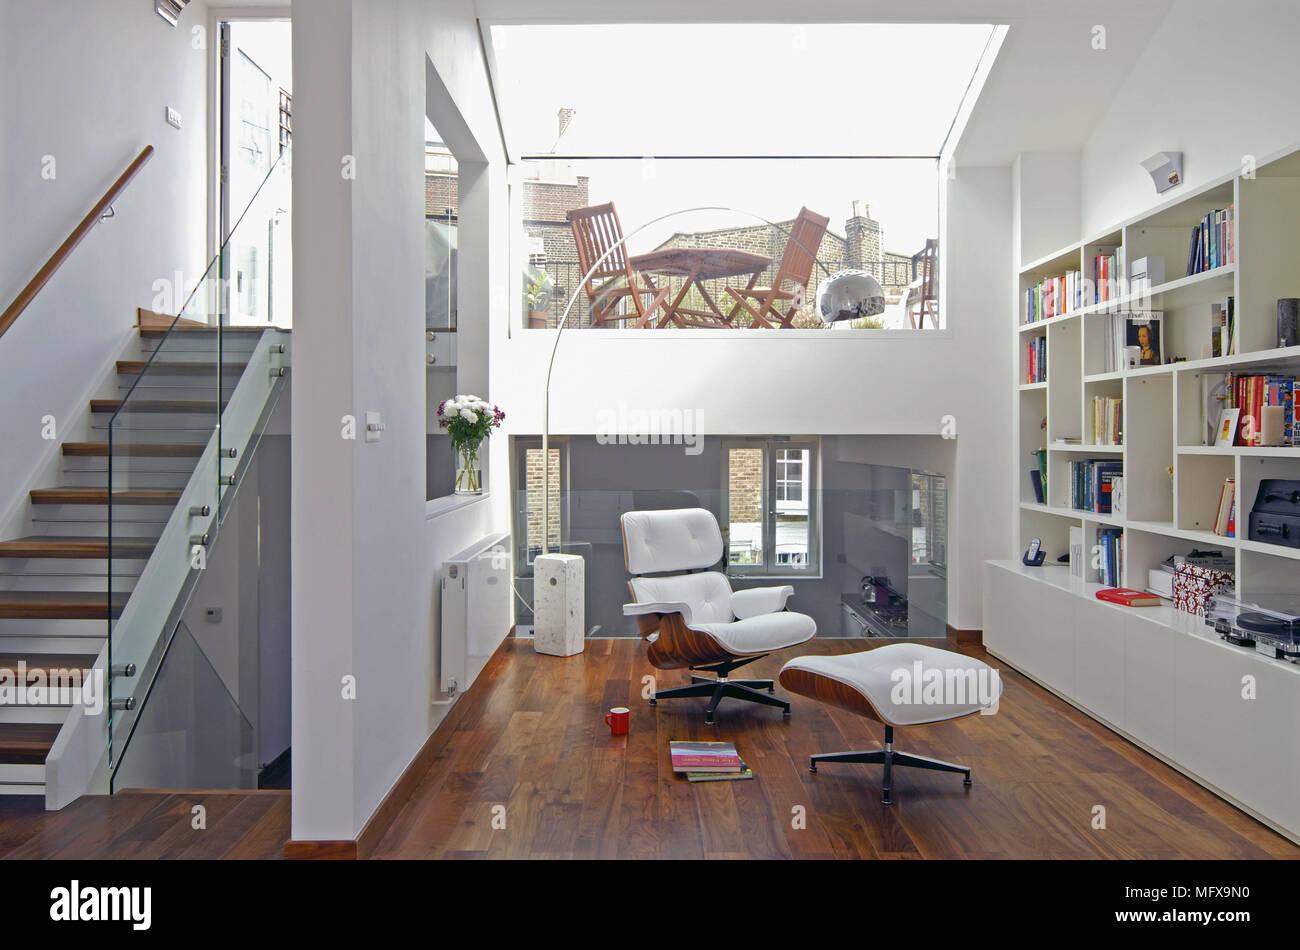 Schon Weißes Leder Eames Chair Im Zentrum Des Zeitgenössischen Geräumige Offene  Zimmer